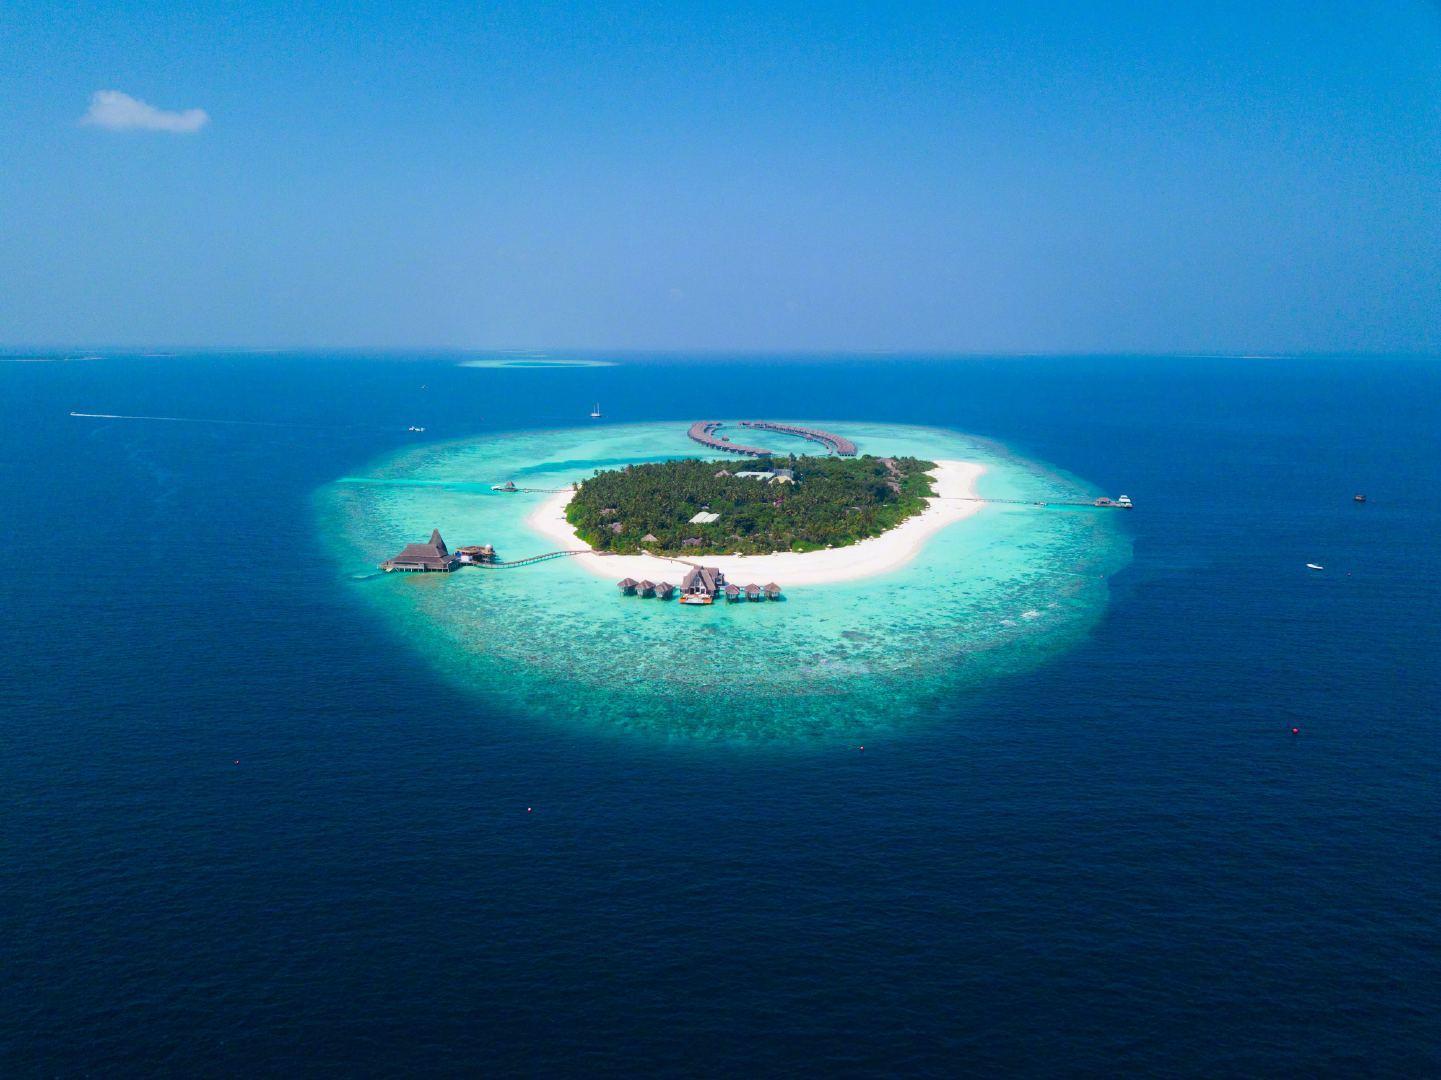 库克群岛,是由15个小岛组成的群岛国家